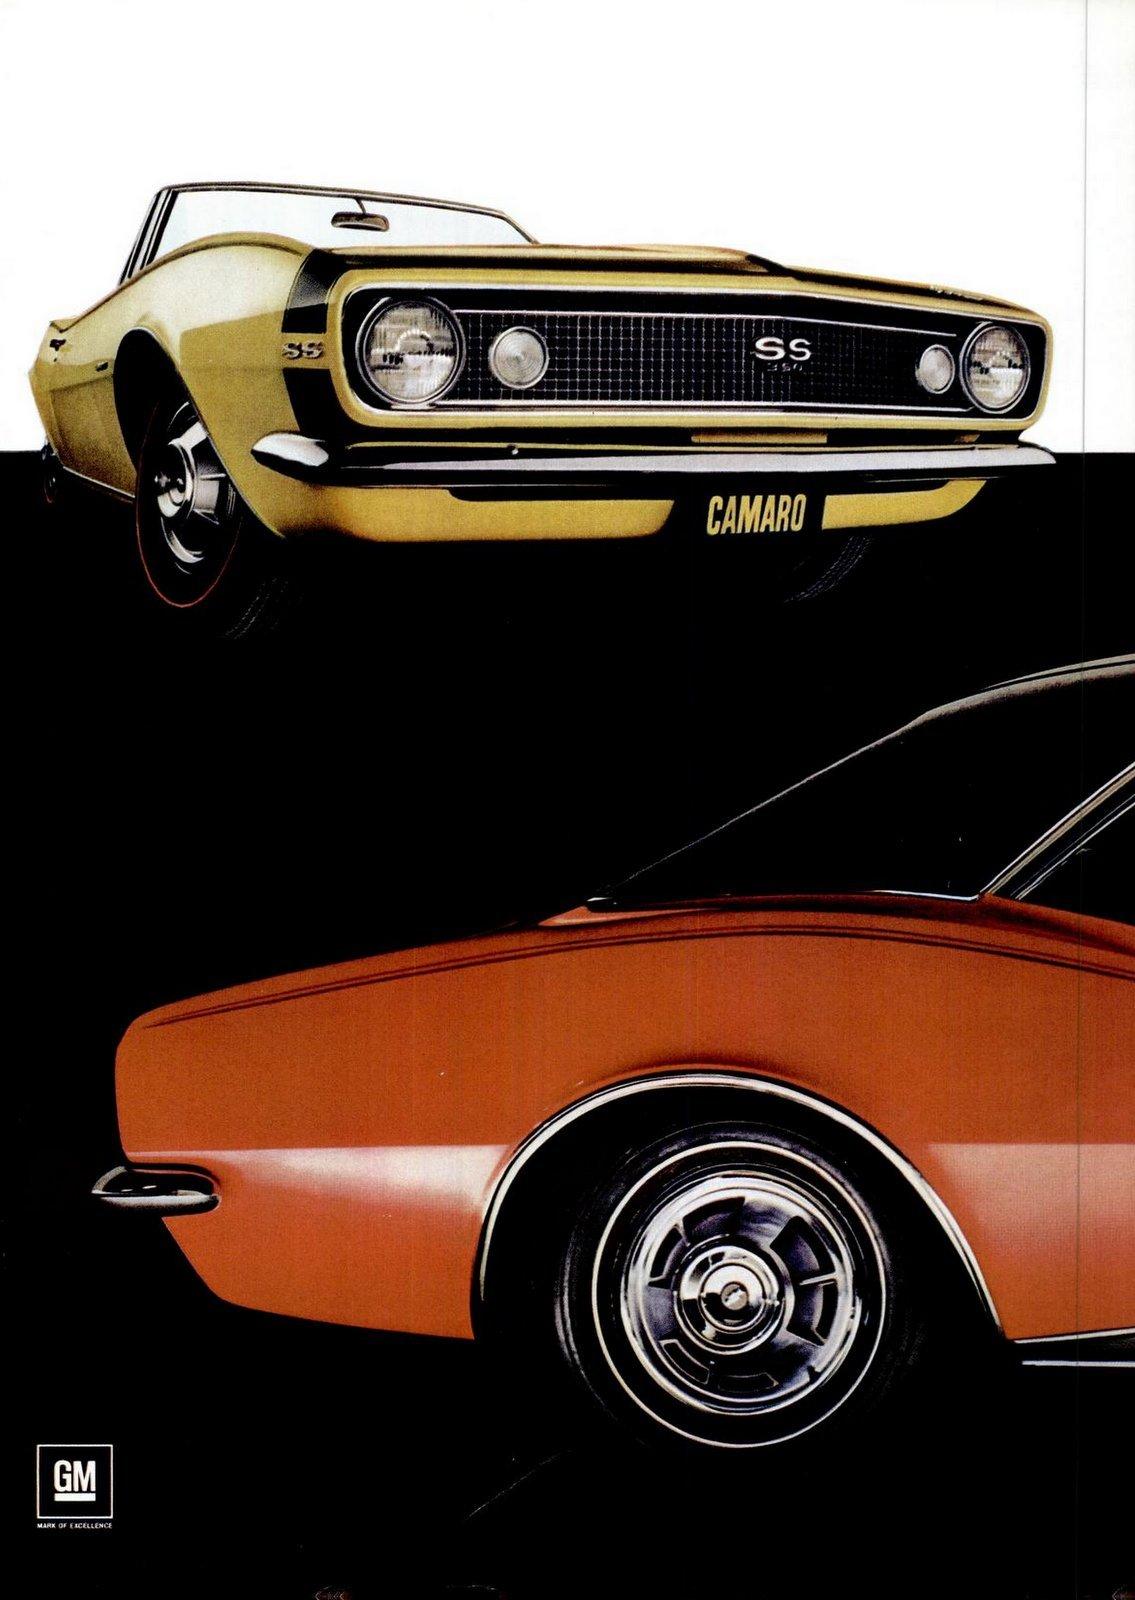 Oct 7, 1966 - Classic 1967 Camaro cars